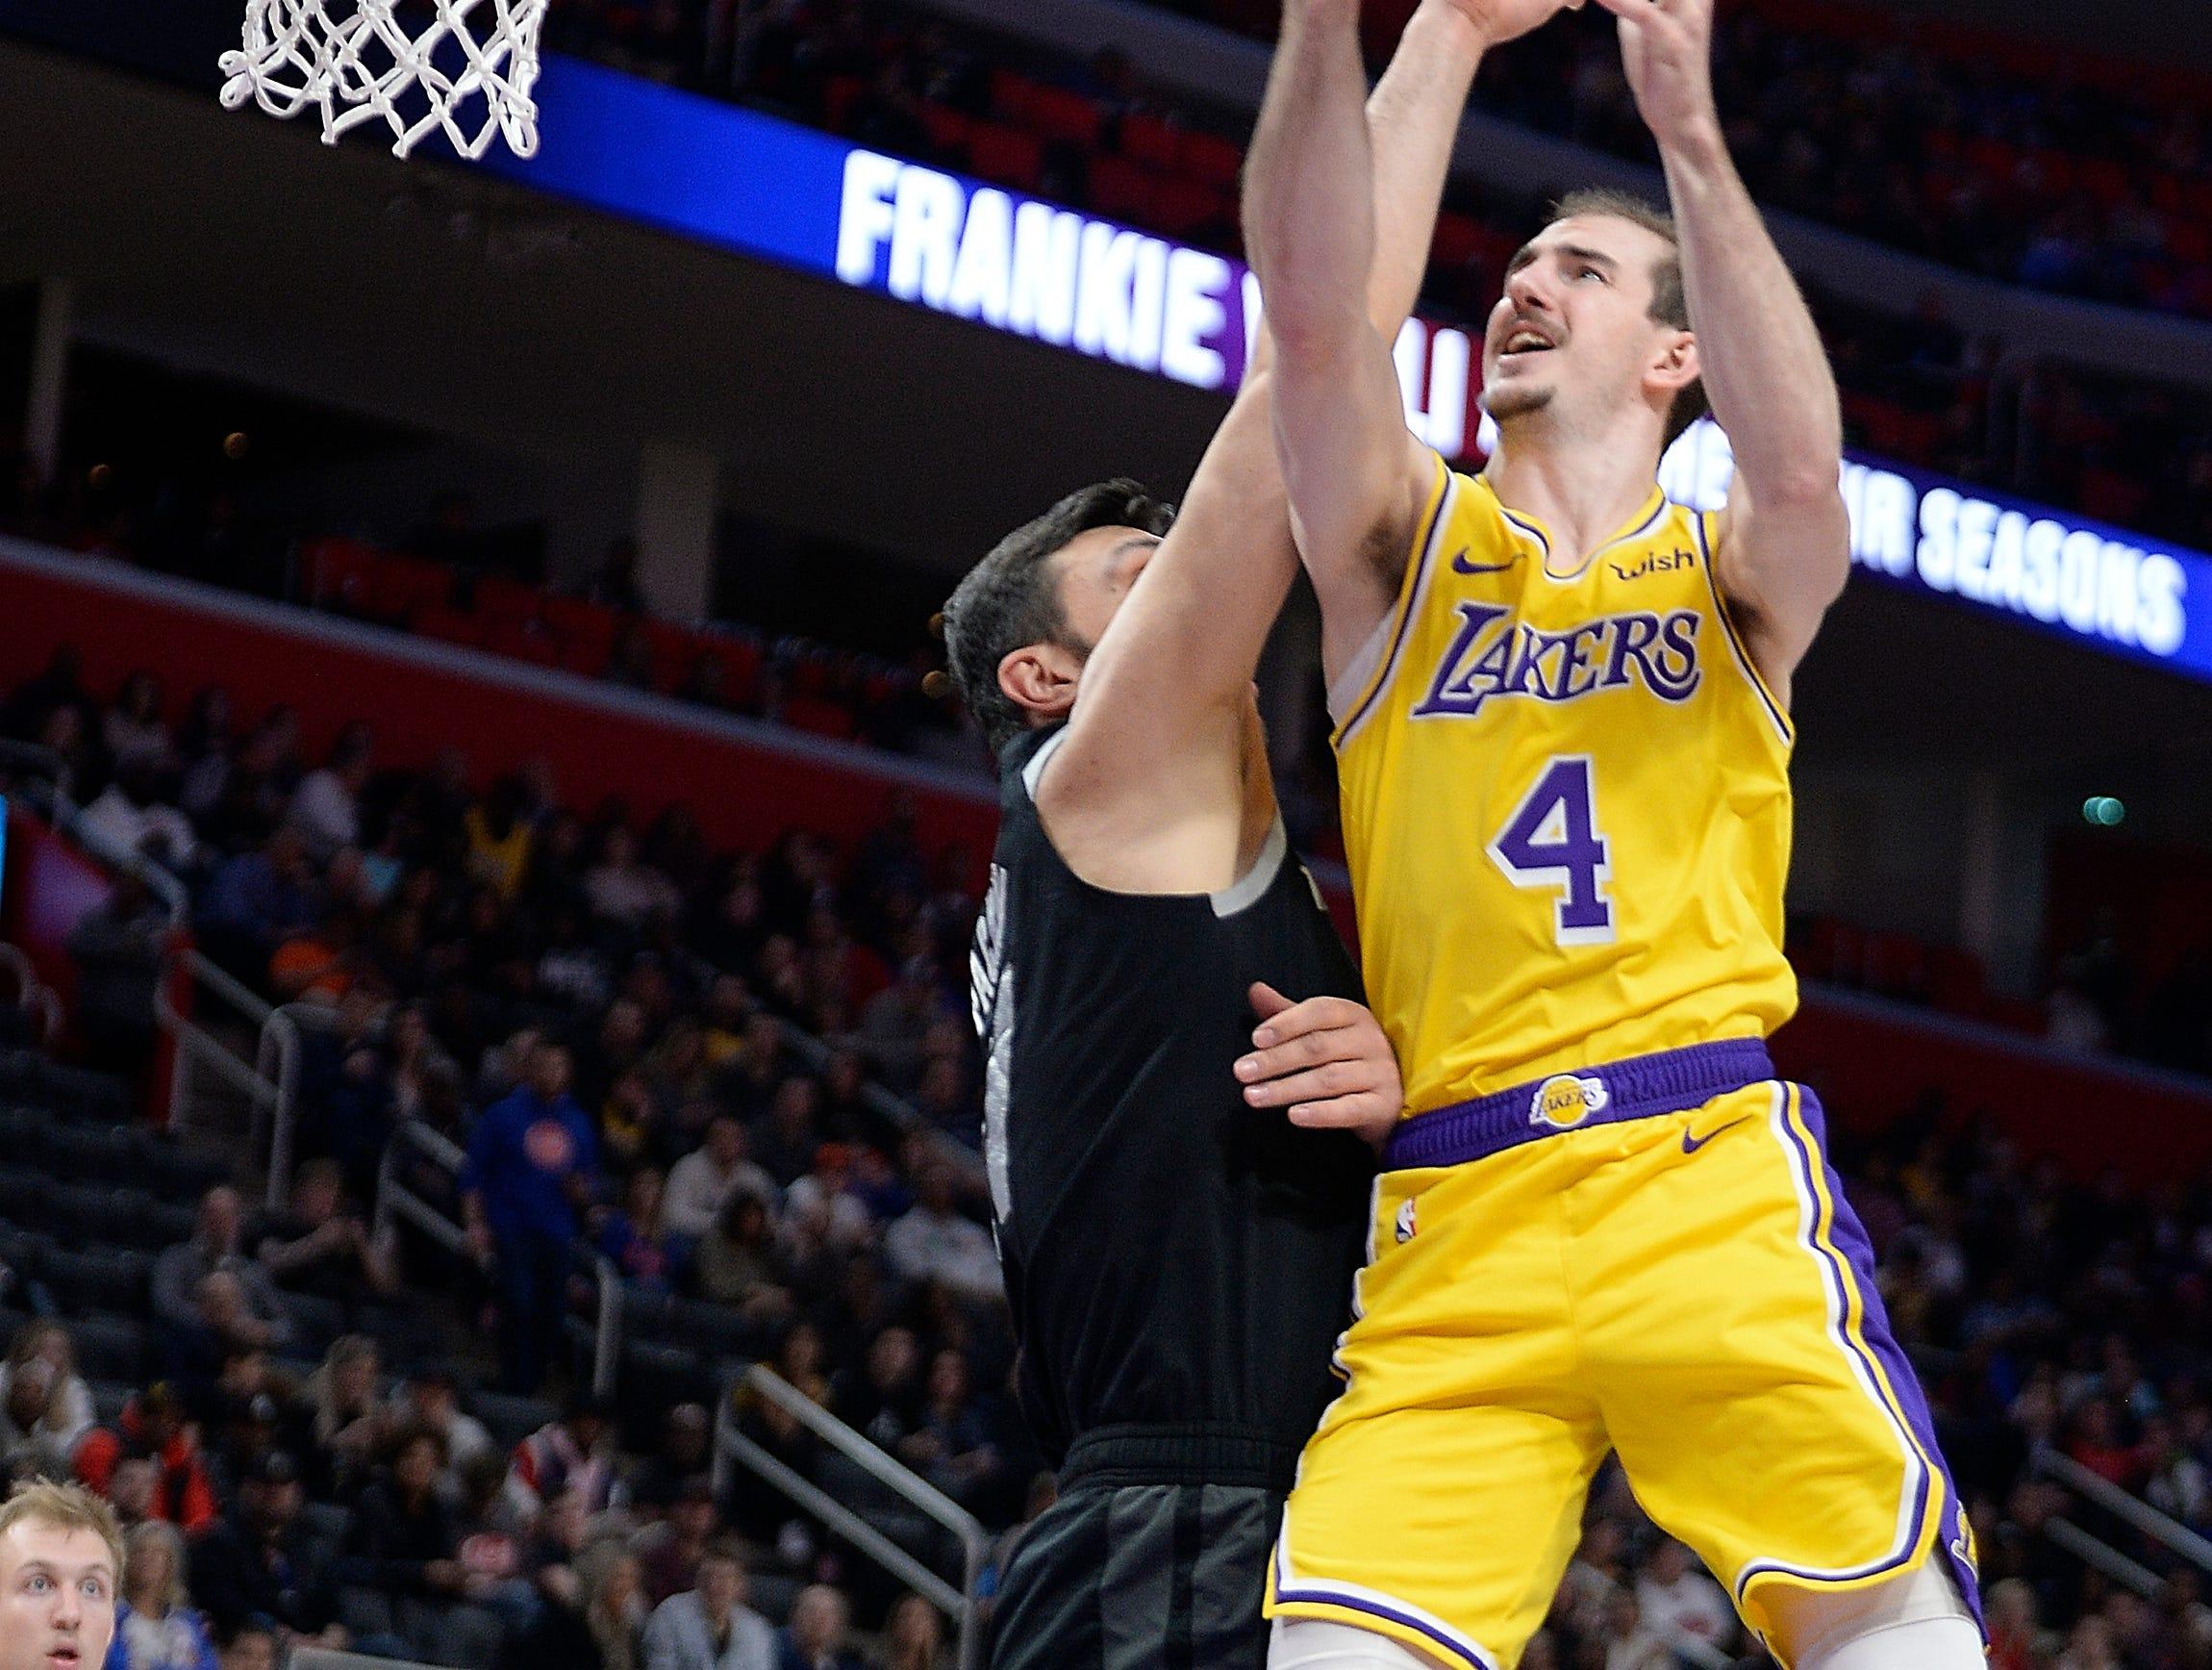 Lakers' Alex Caruso scores over Pistons' ZaZa Pachulia in the fourth quarter.